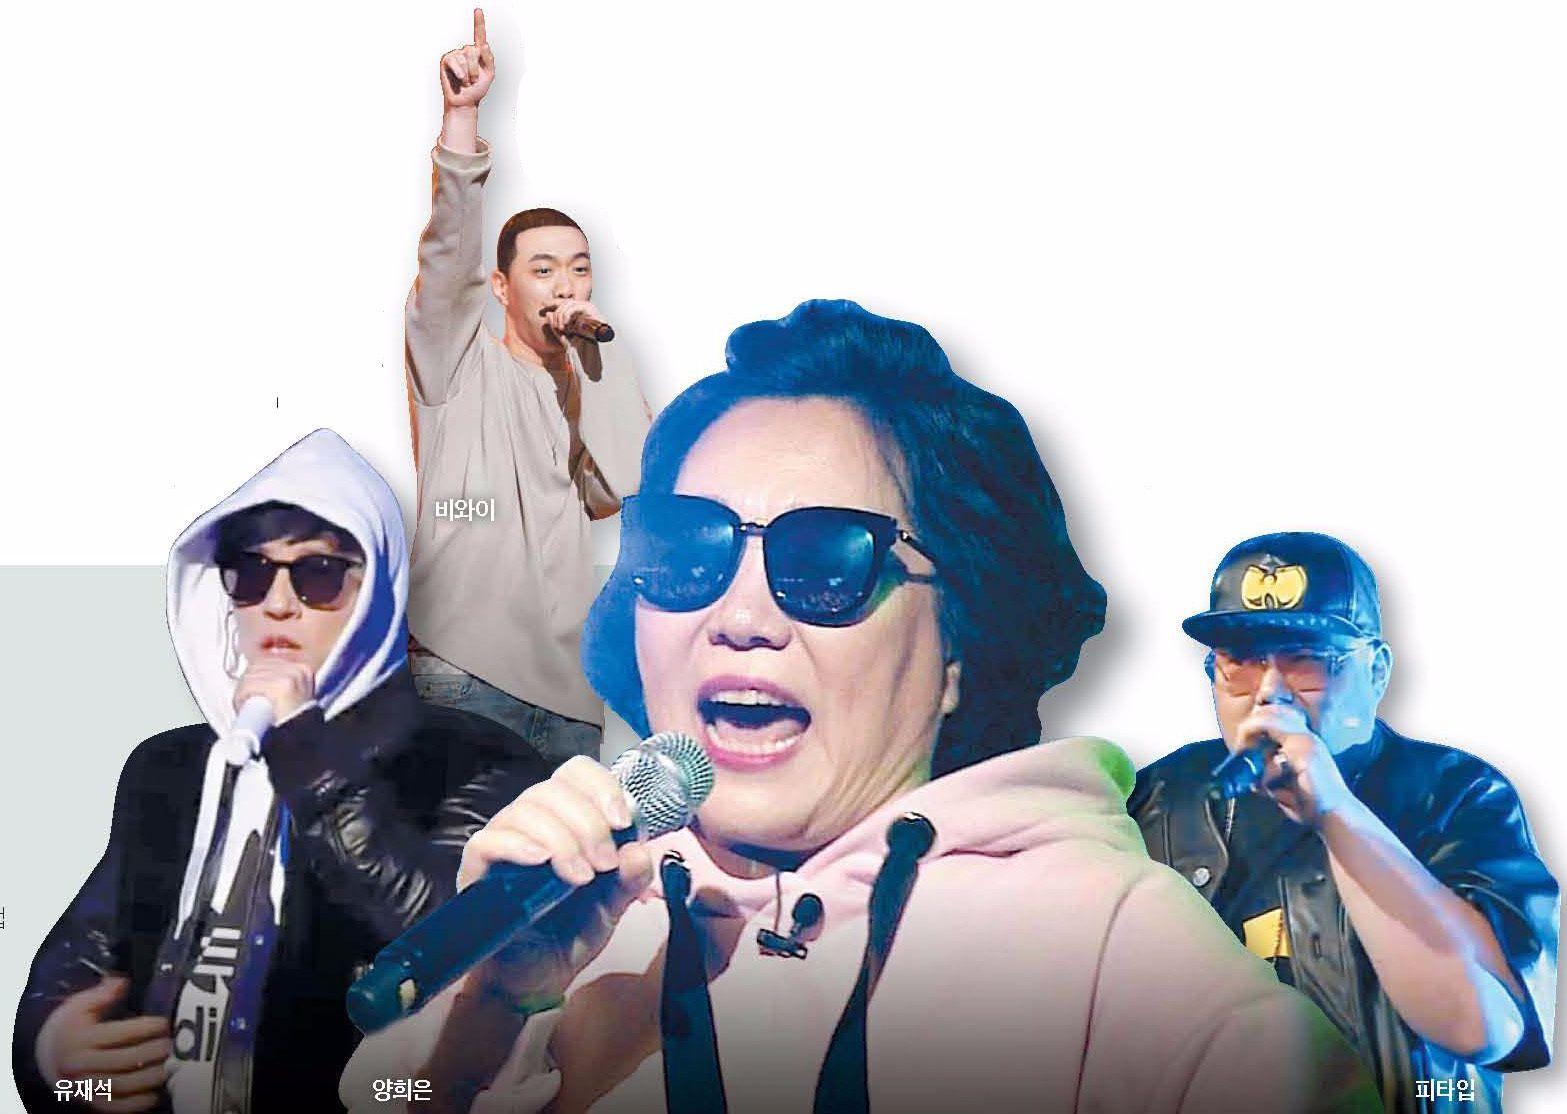 힙합은 자유로운 감정 표현을 무기로 다양한 매체에서 인기를 끌고 있다. 유재석(MBC 무한도전), 비와이(엠넷 쇼미더머니5 우승자), 양희경과 피타입(JTBC 힙합의 민족).